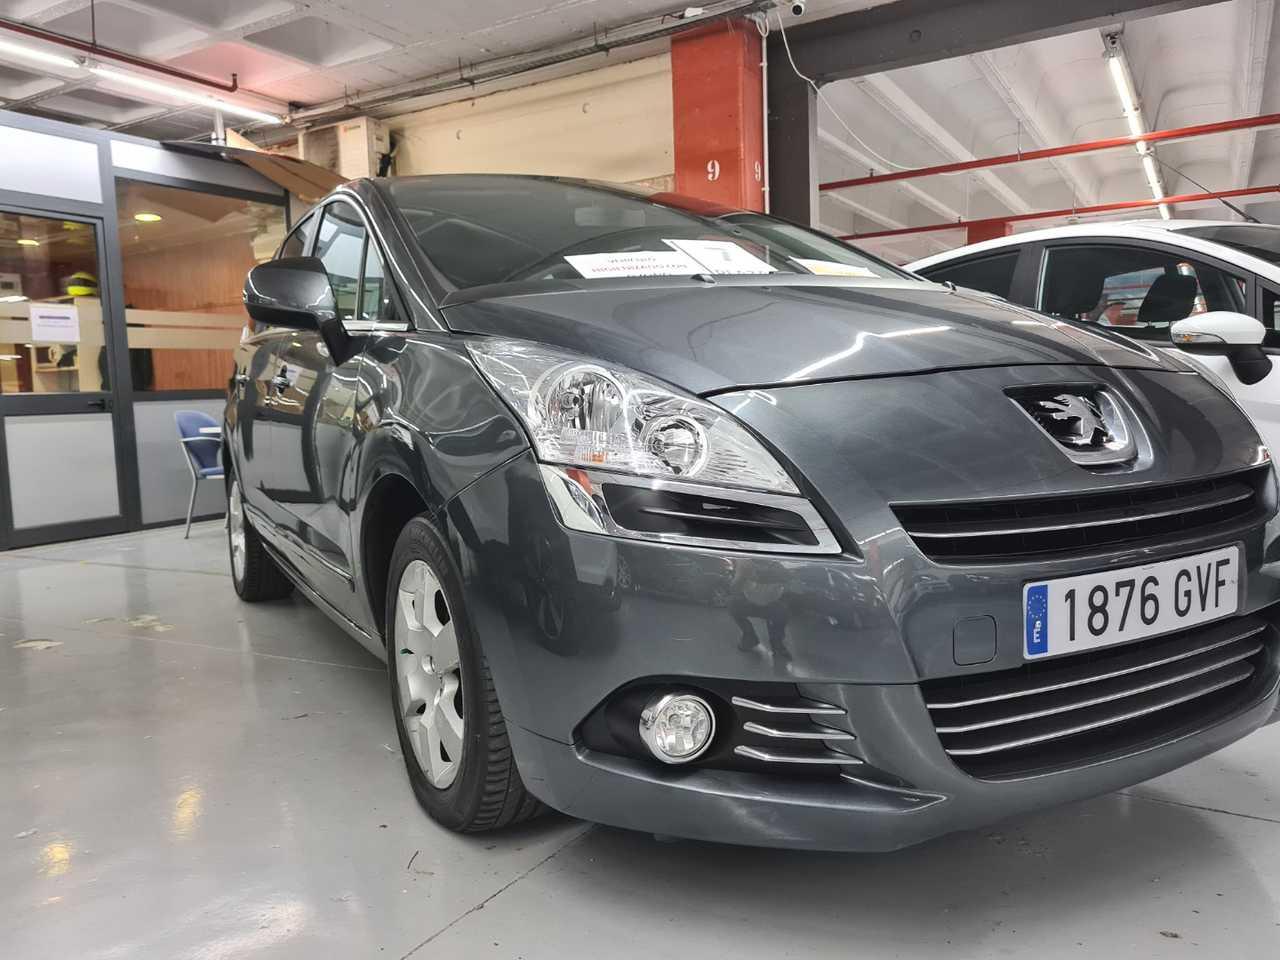 Peugeot 5008 AUTOMATICO 7 PLAZAS   - Foto 1